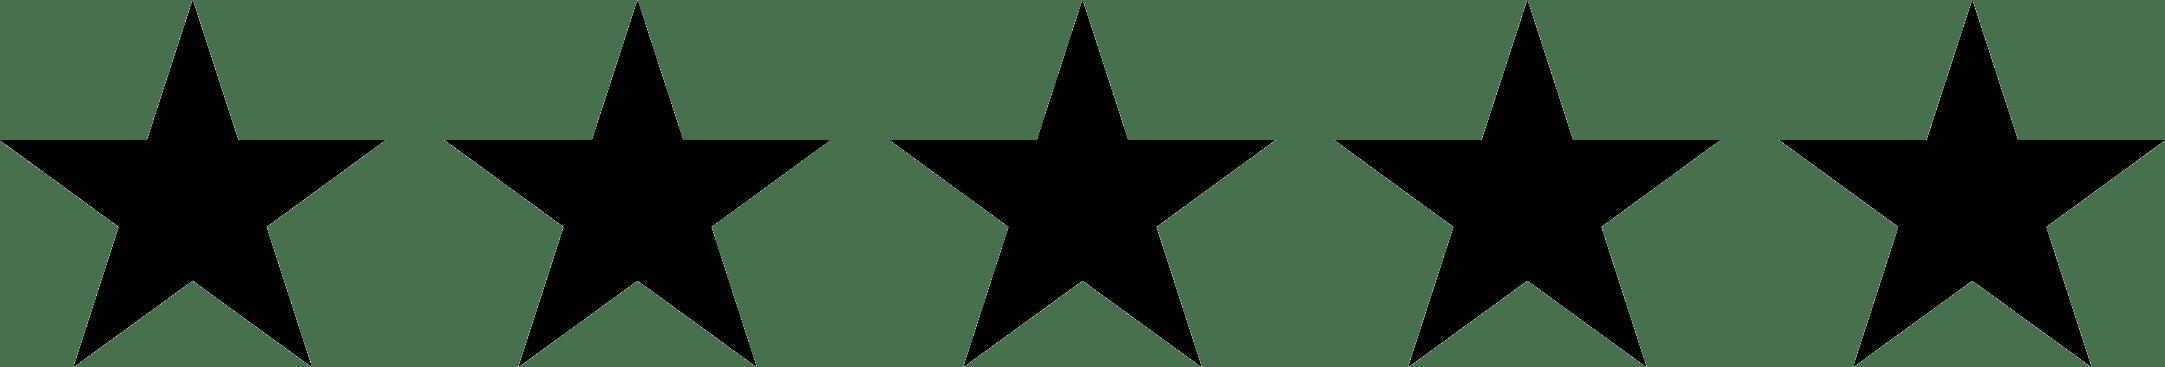 stars-min.png